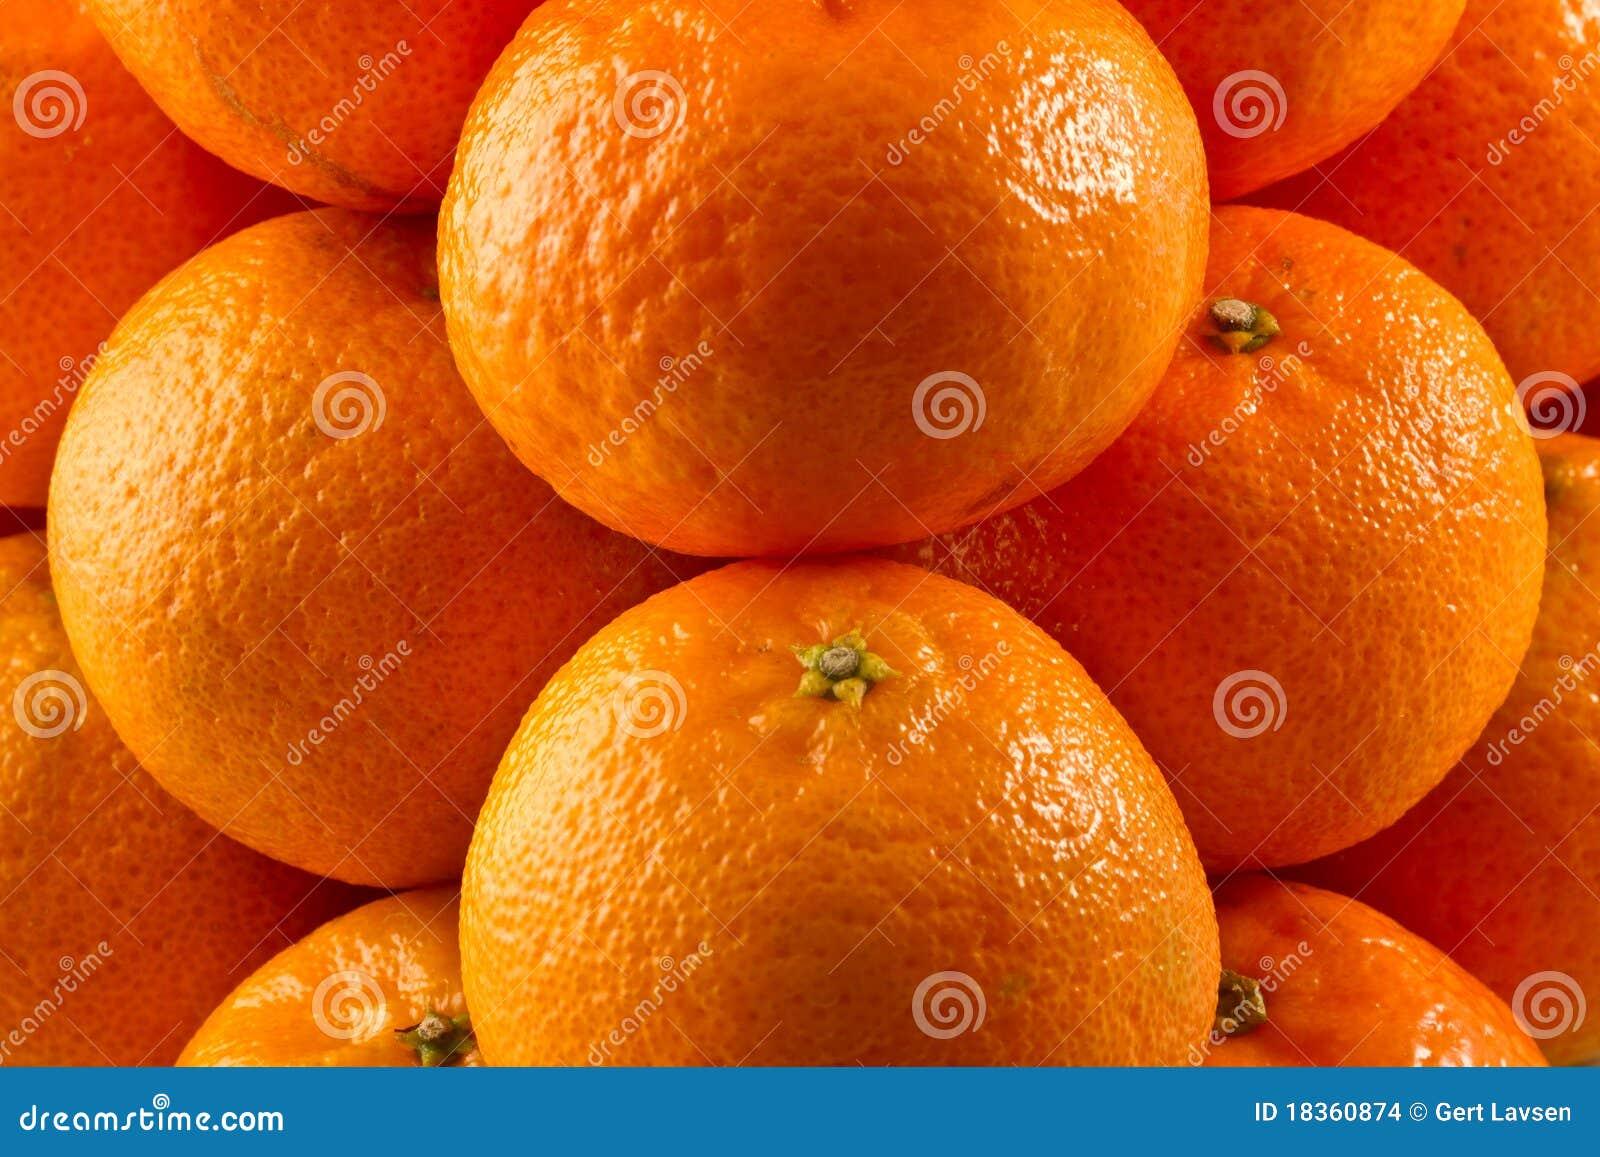 Pila de clementinas